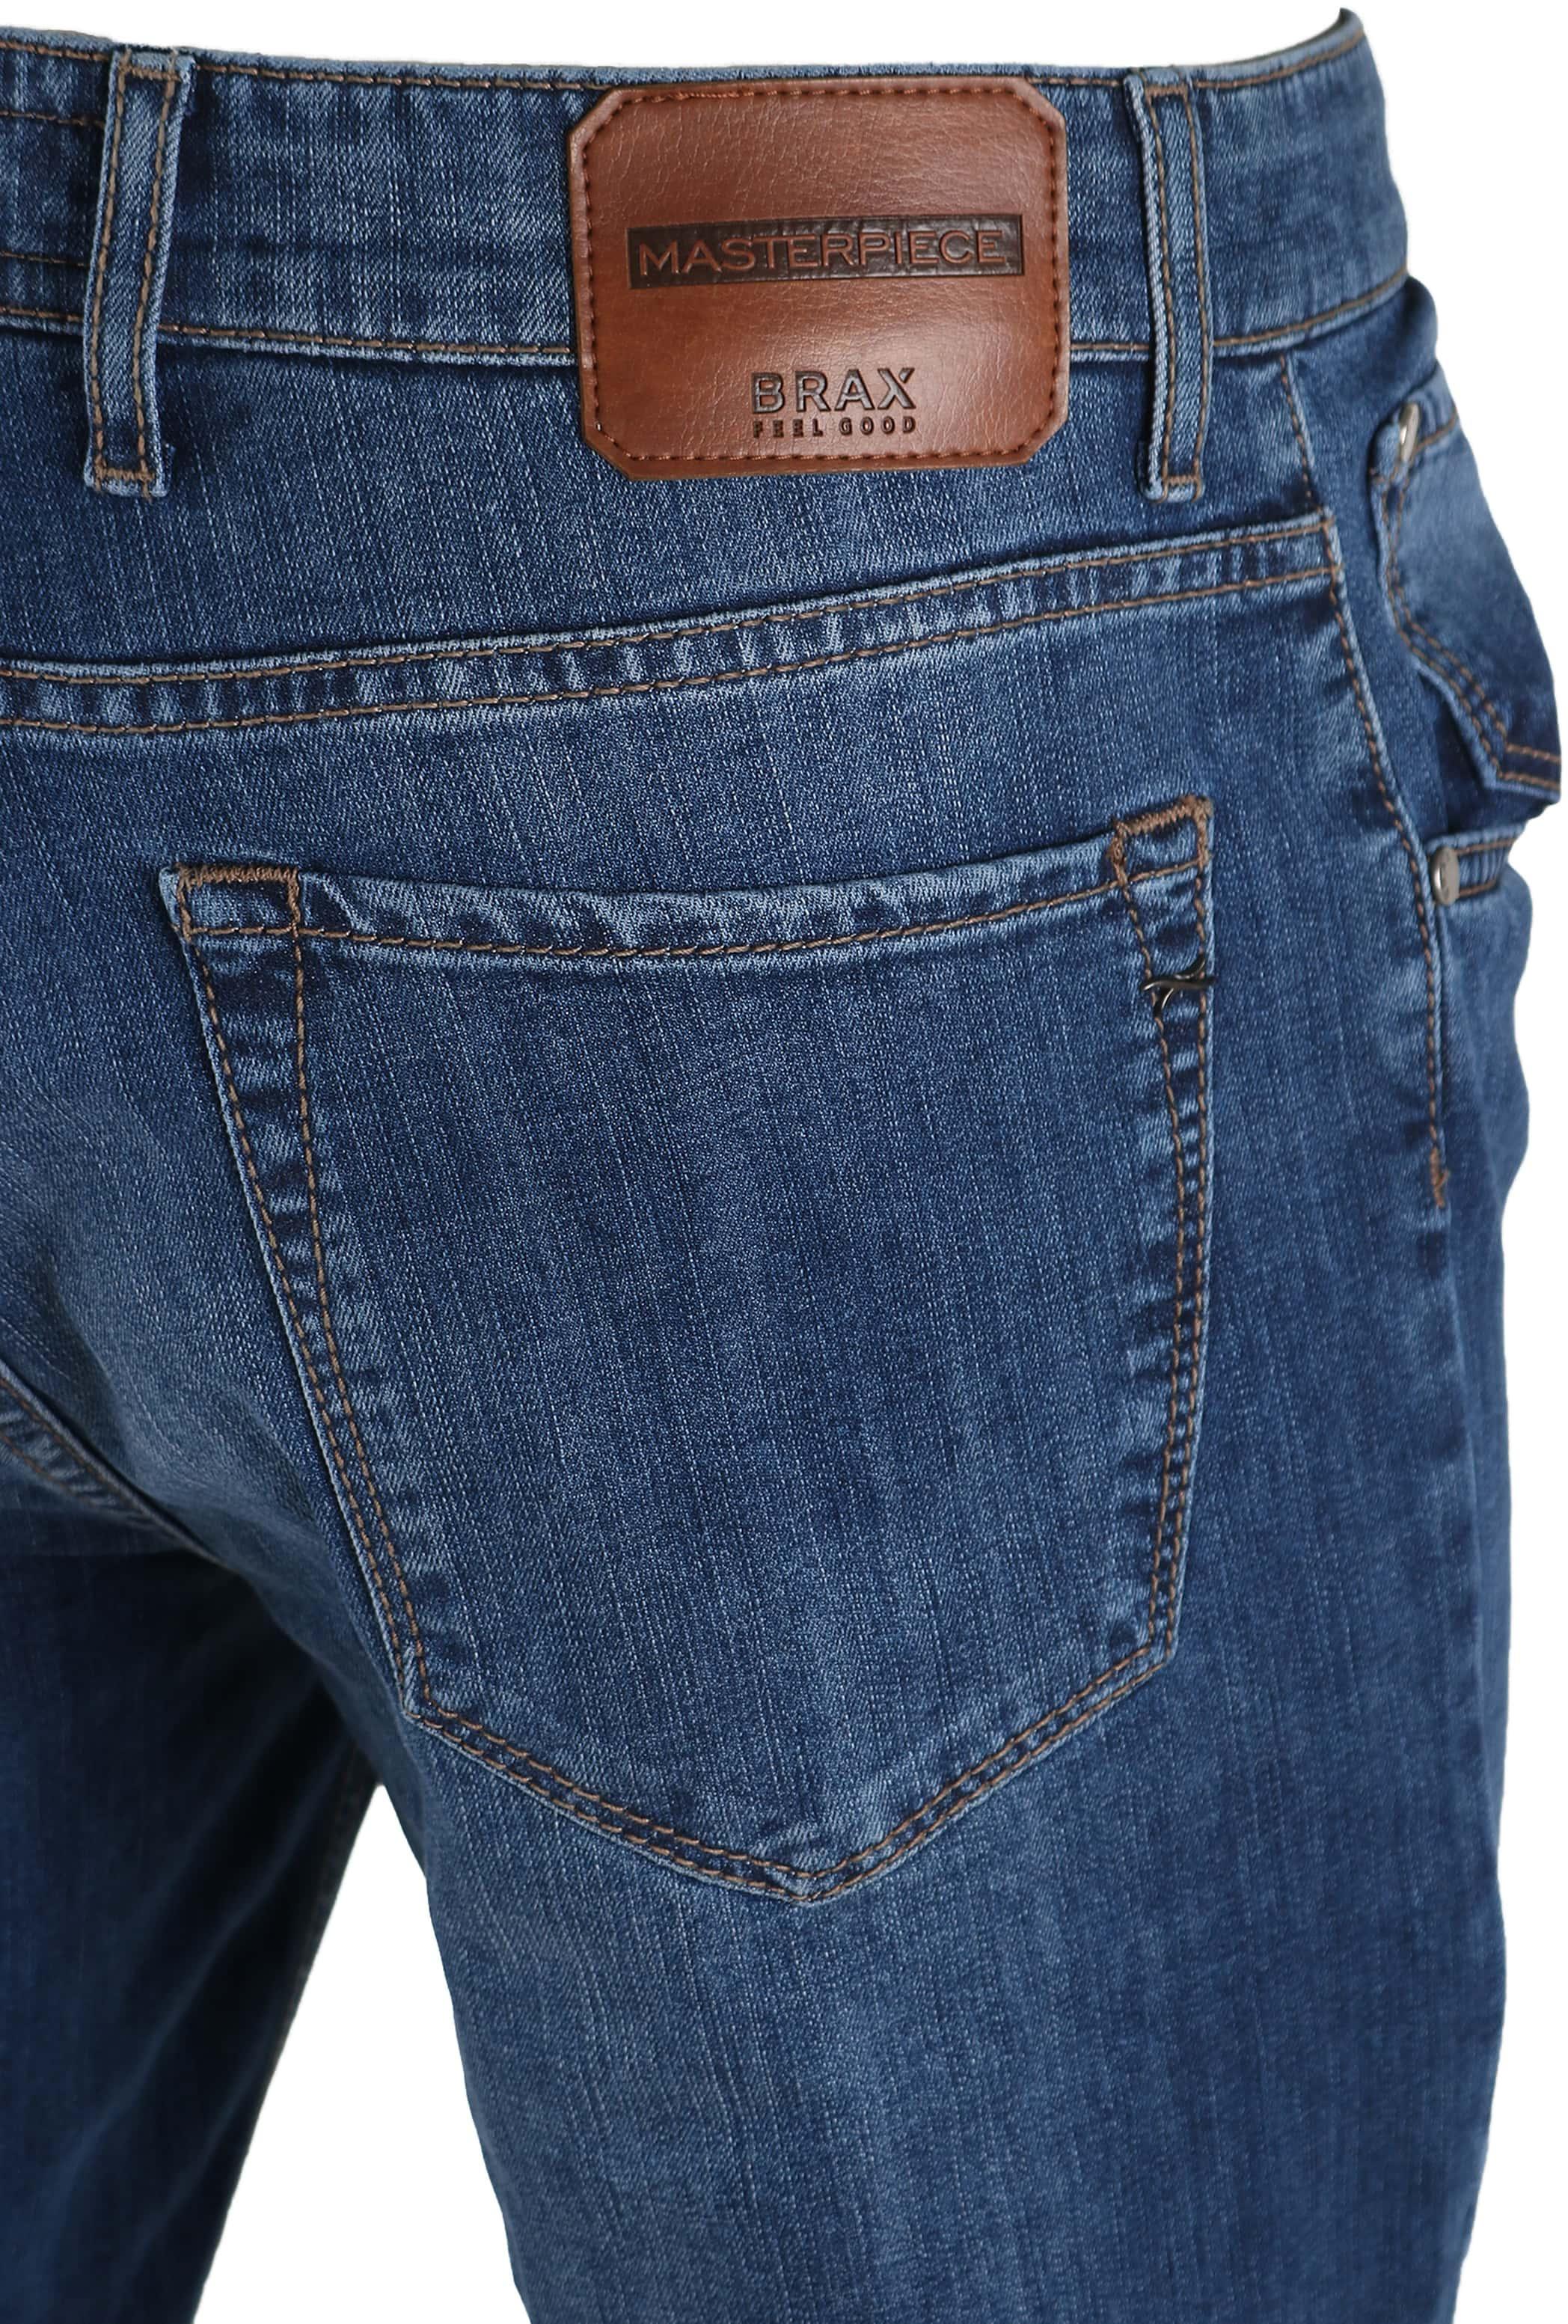 Brax Chuck Denim Jeans Regular Fit foto 3